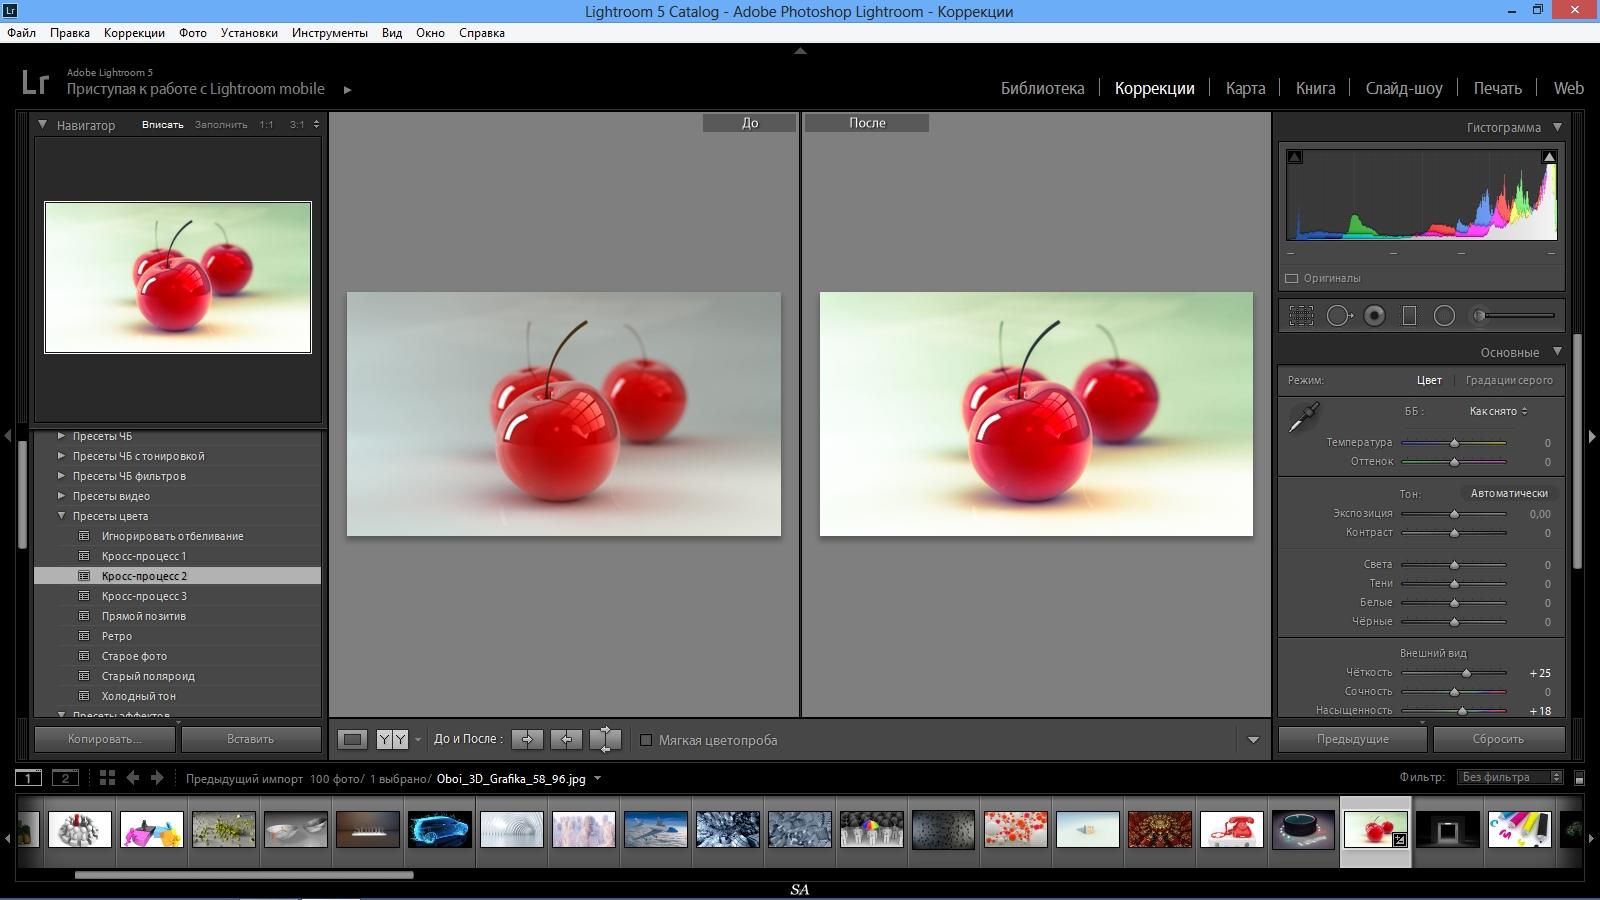 Как сделать цвета ярче и насыщеннее в фотошопе